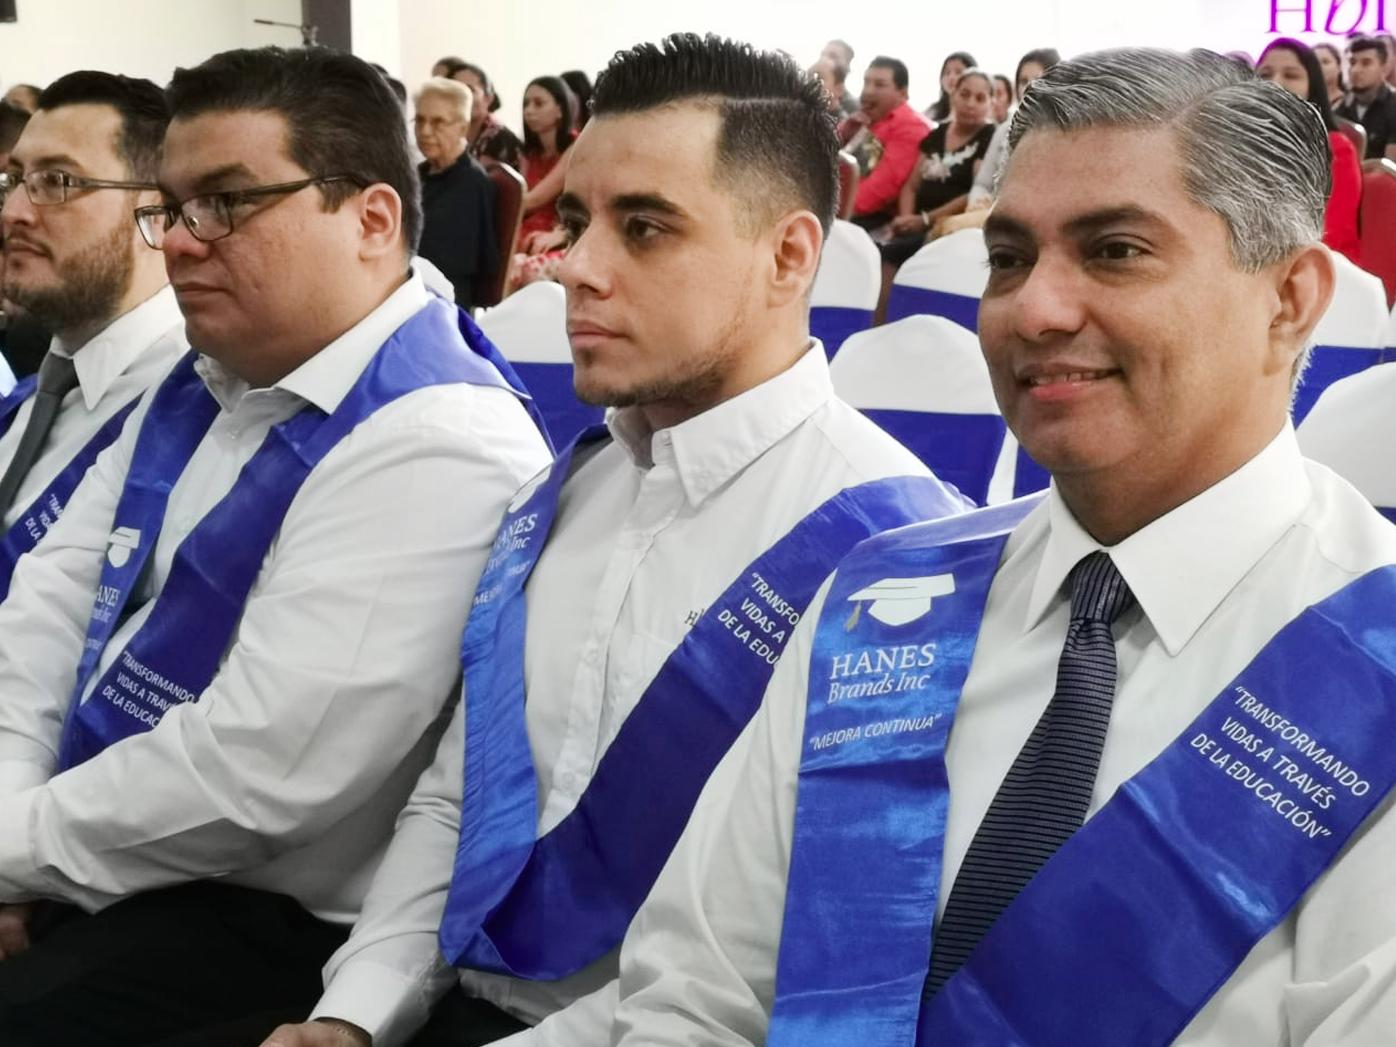 HANESBRANDS CELEBRA A LO GRANDE LA DÉCIMA PROMOCIÓN DE GRADUADOS DE SU PROGRAMA EDUCATIVO